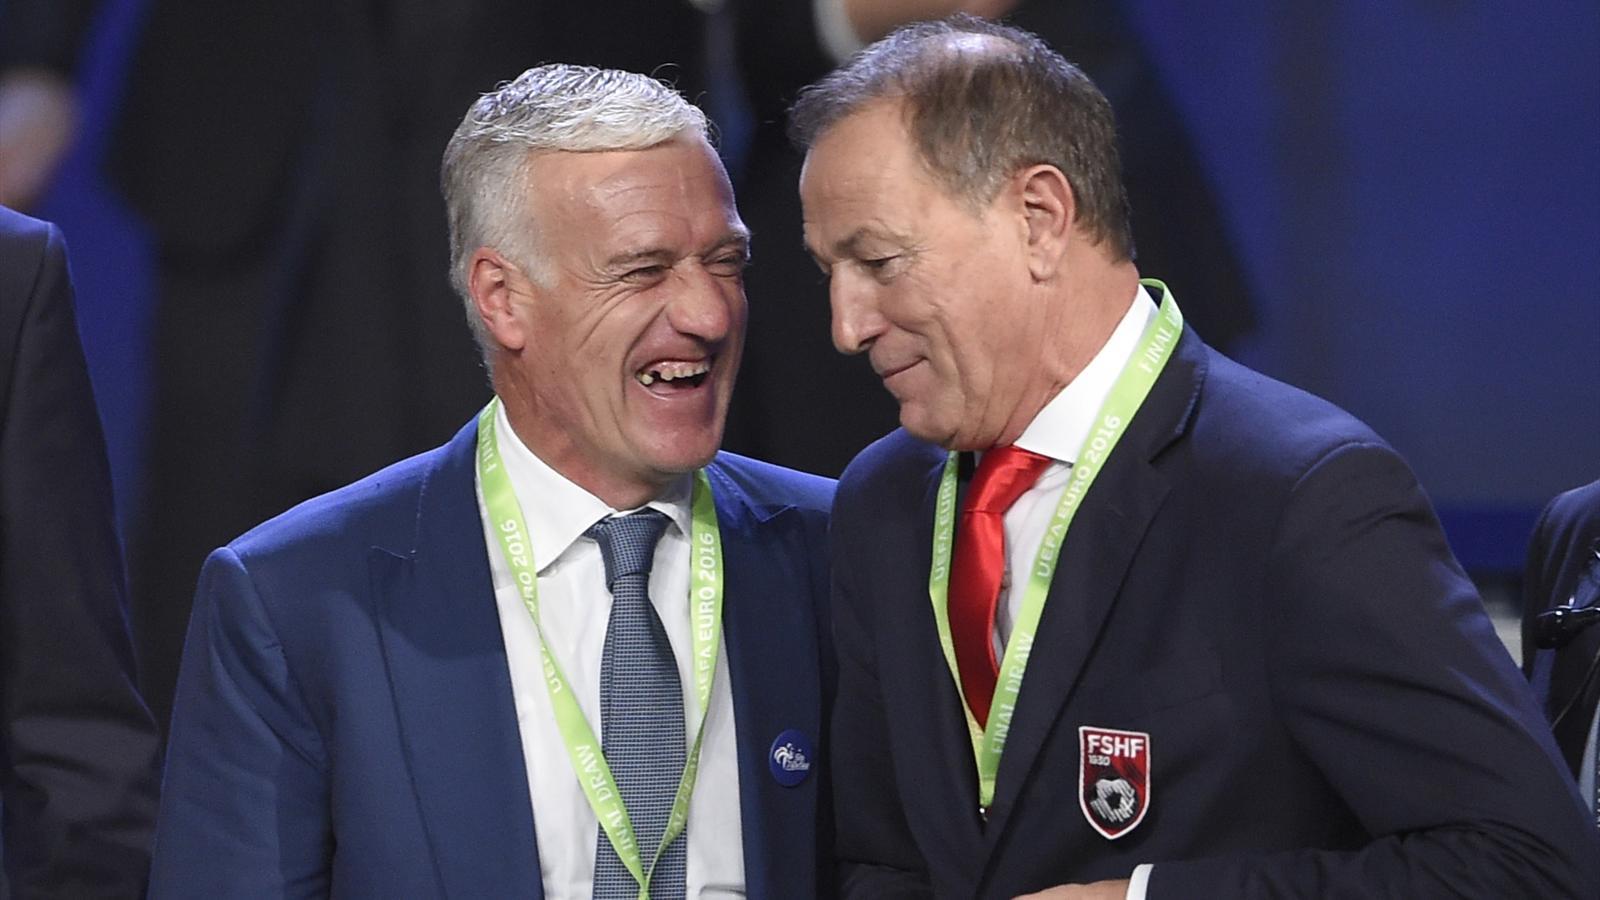 Didier Deschamps hilare lors du tirage au sort